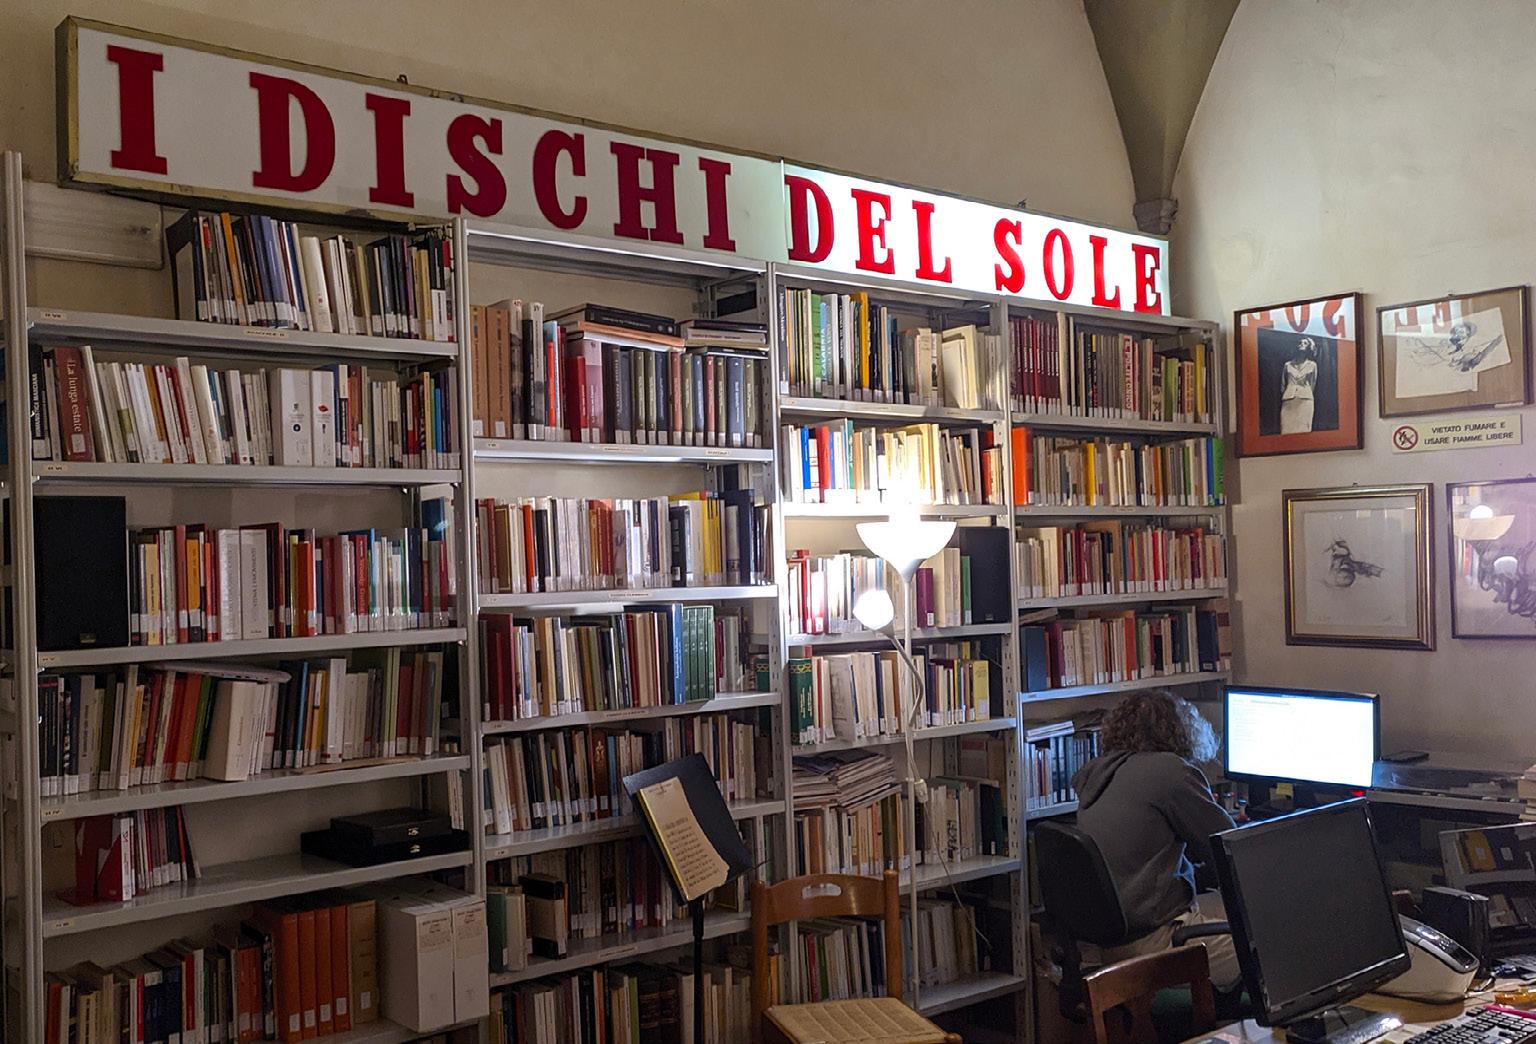 FIGURA 12. Istituto Ernesto de Martino, biblioteca, 2021 (foto: G. Chessa)